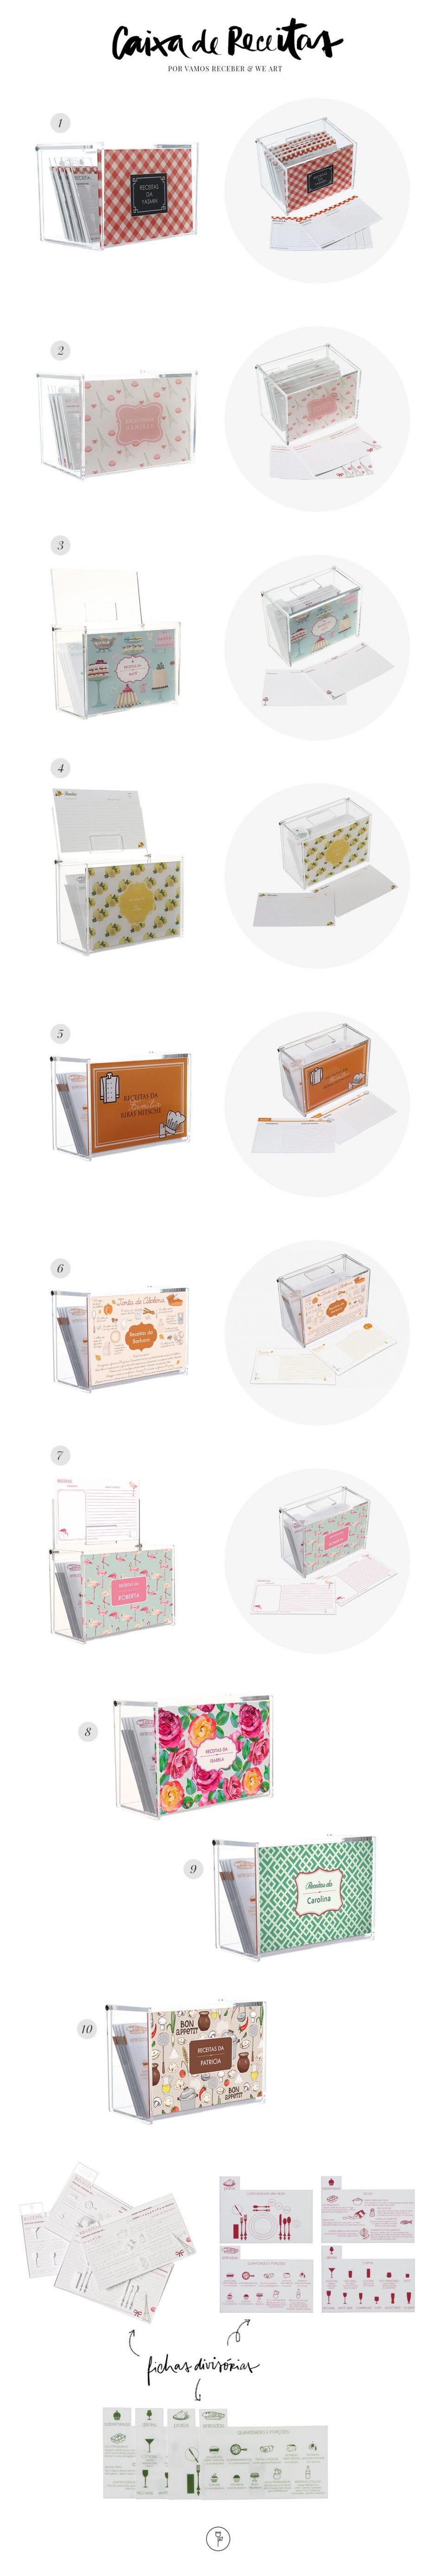 caixas personalizadas de receita da we art